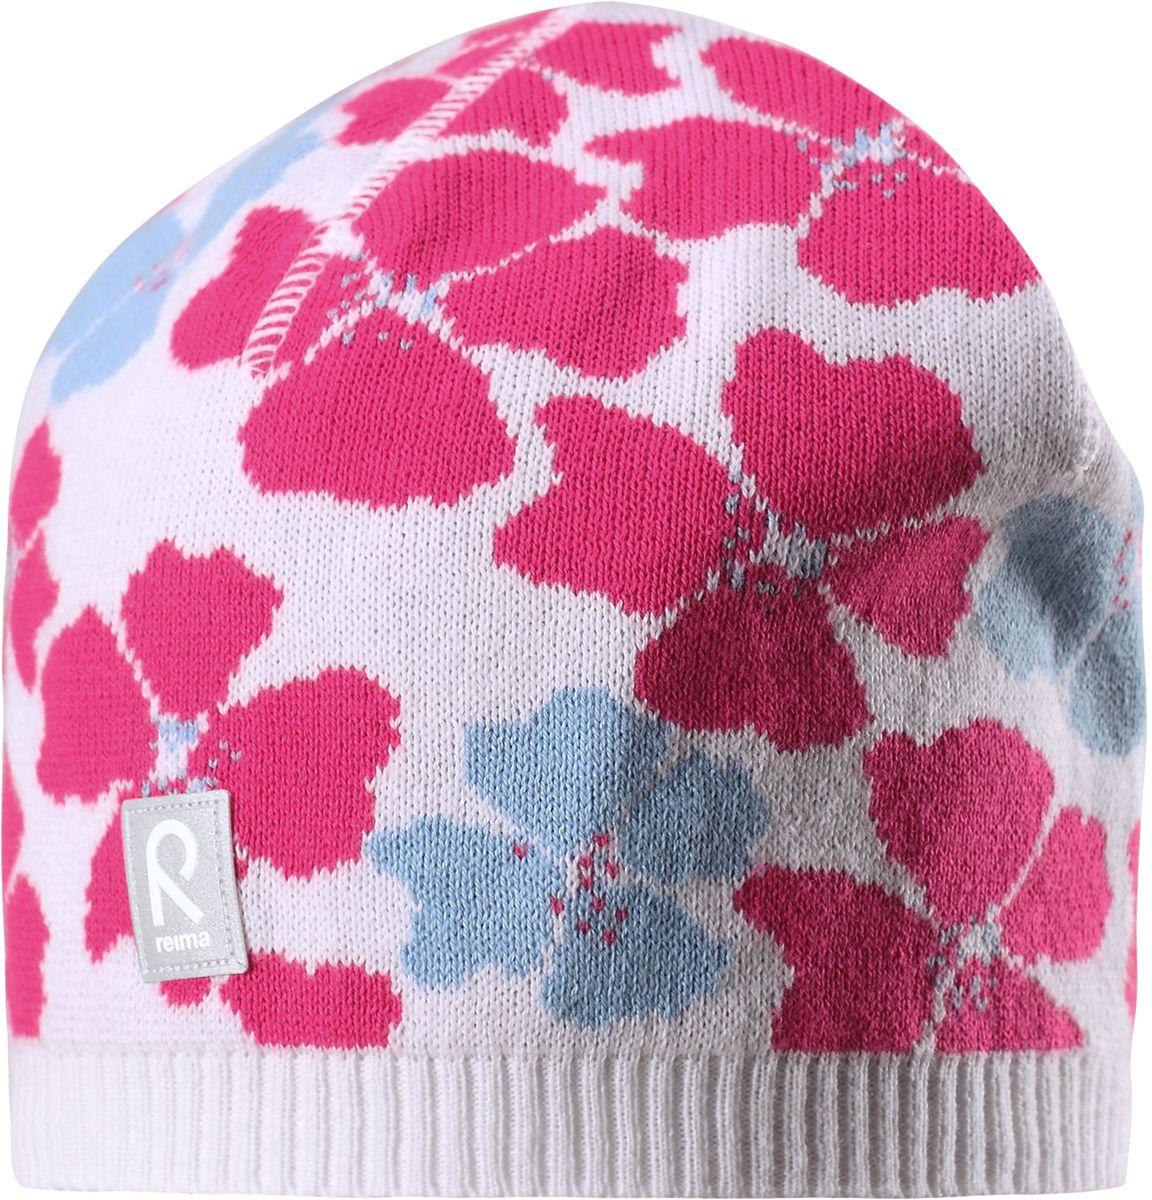 Шапка для девочки Reima Paradise, цвет: белый. 5285230100. Размер 505285230100Удобная детская шапка яркой расцветки рассчитана на межсезонье, в ней можно и поиграть во дворе, и прогуляться по городу. Она изготовлена из мягкого и комфортного вязаного хлопка. Эта облегченная модель без подкладки идеально подходит для солнечной погоды. Яркий сплошной жаккардовый узор будет отлично смотреться.